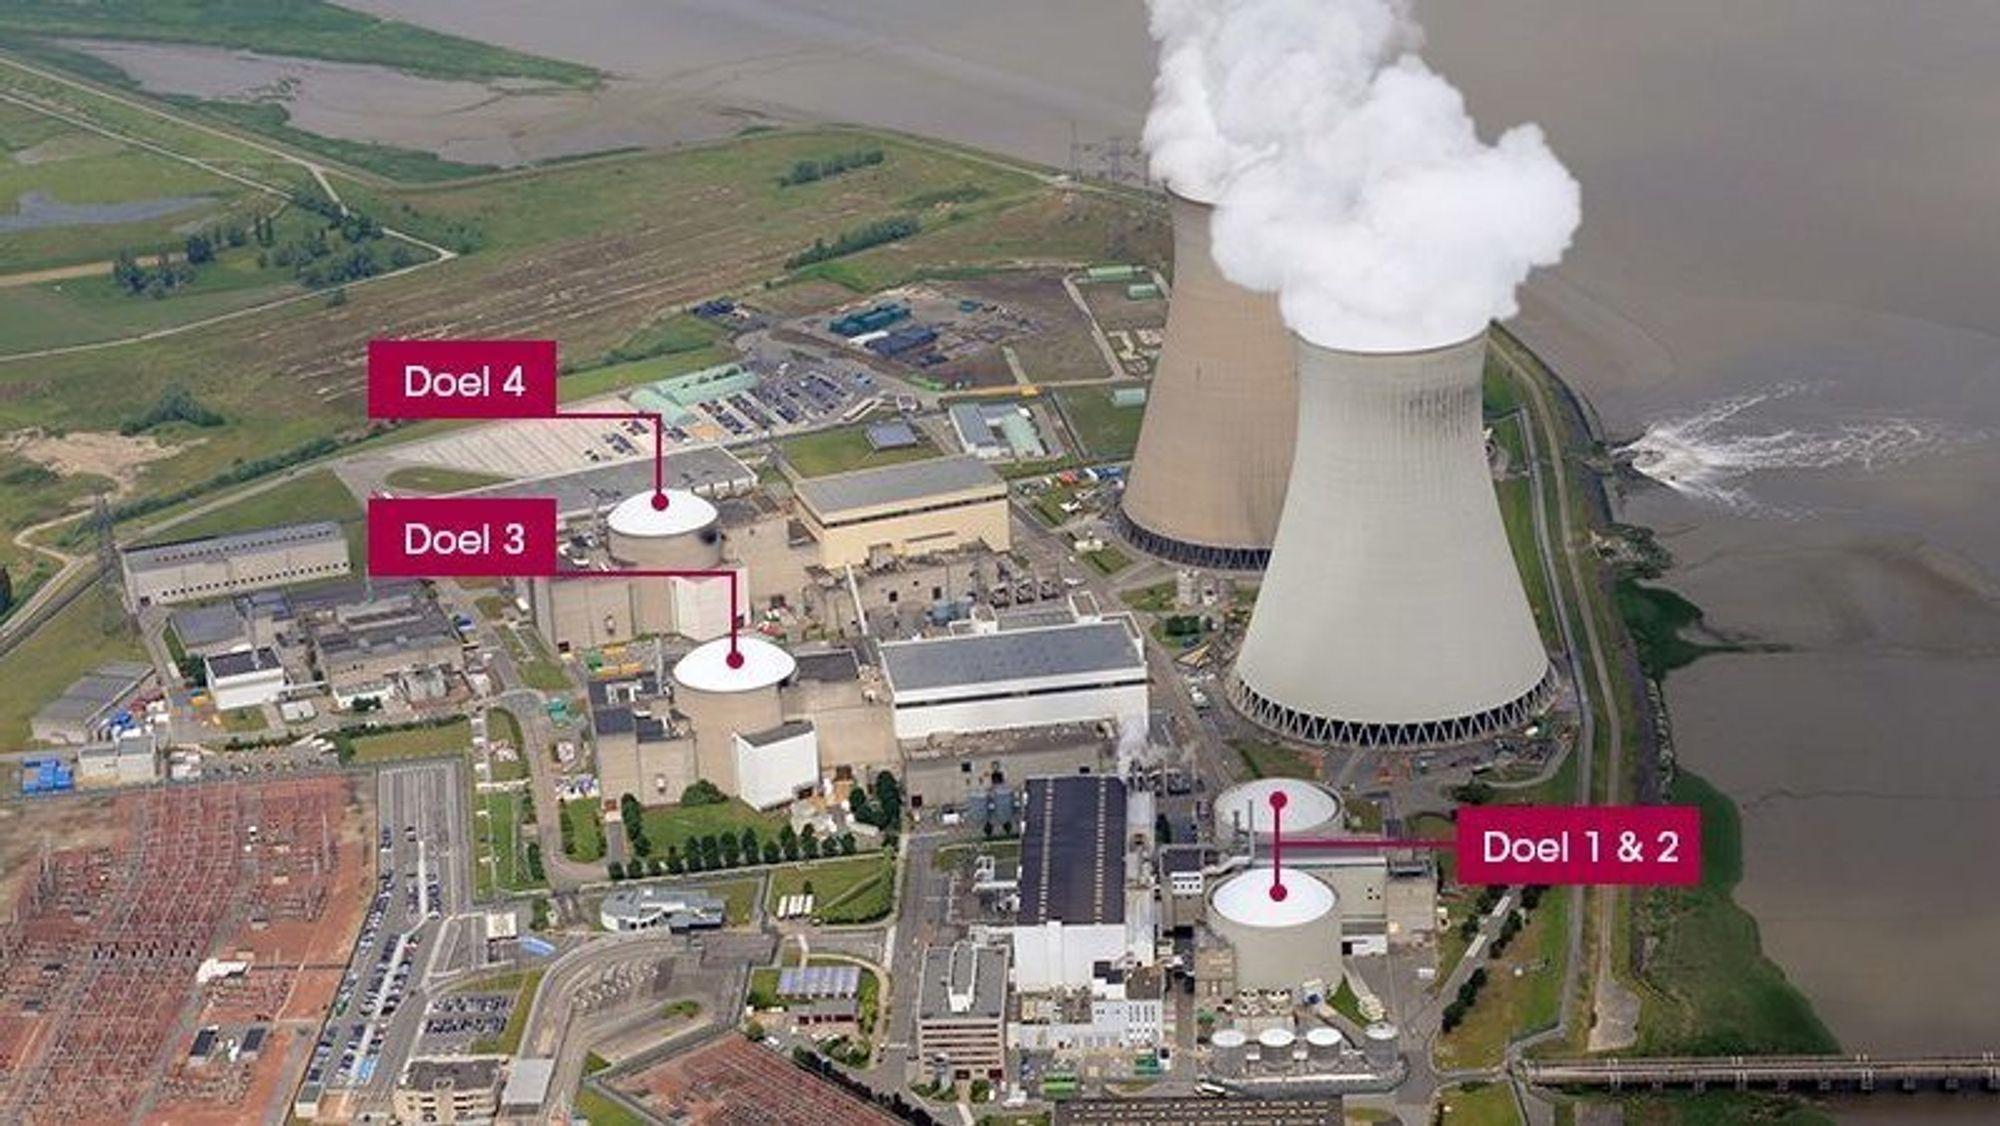 Oversikt over kjernekraftverkene som Belgia har fått refs for: Doel 1 og 2 til høyre i bildet.